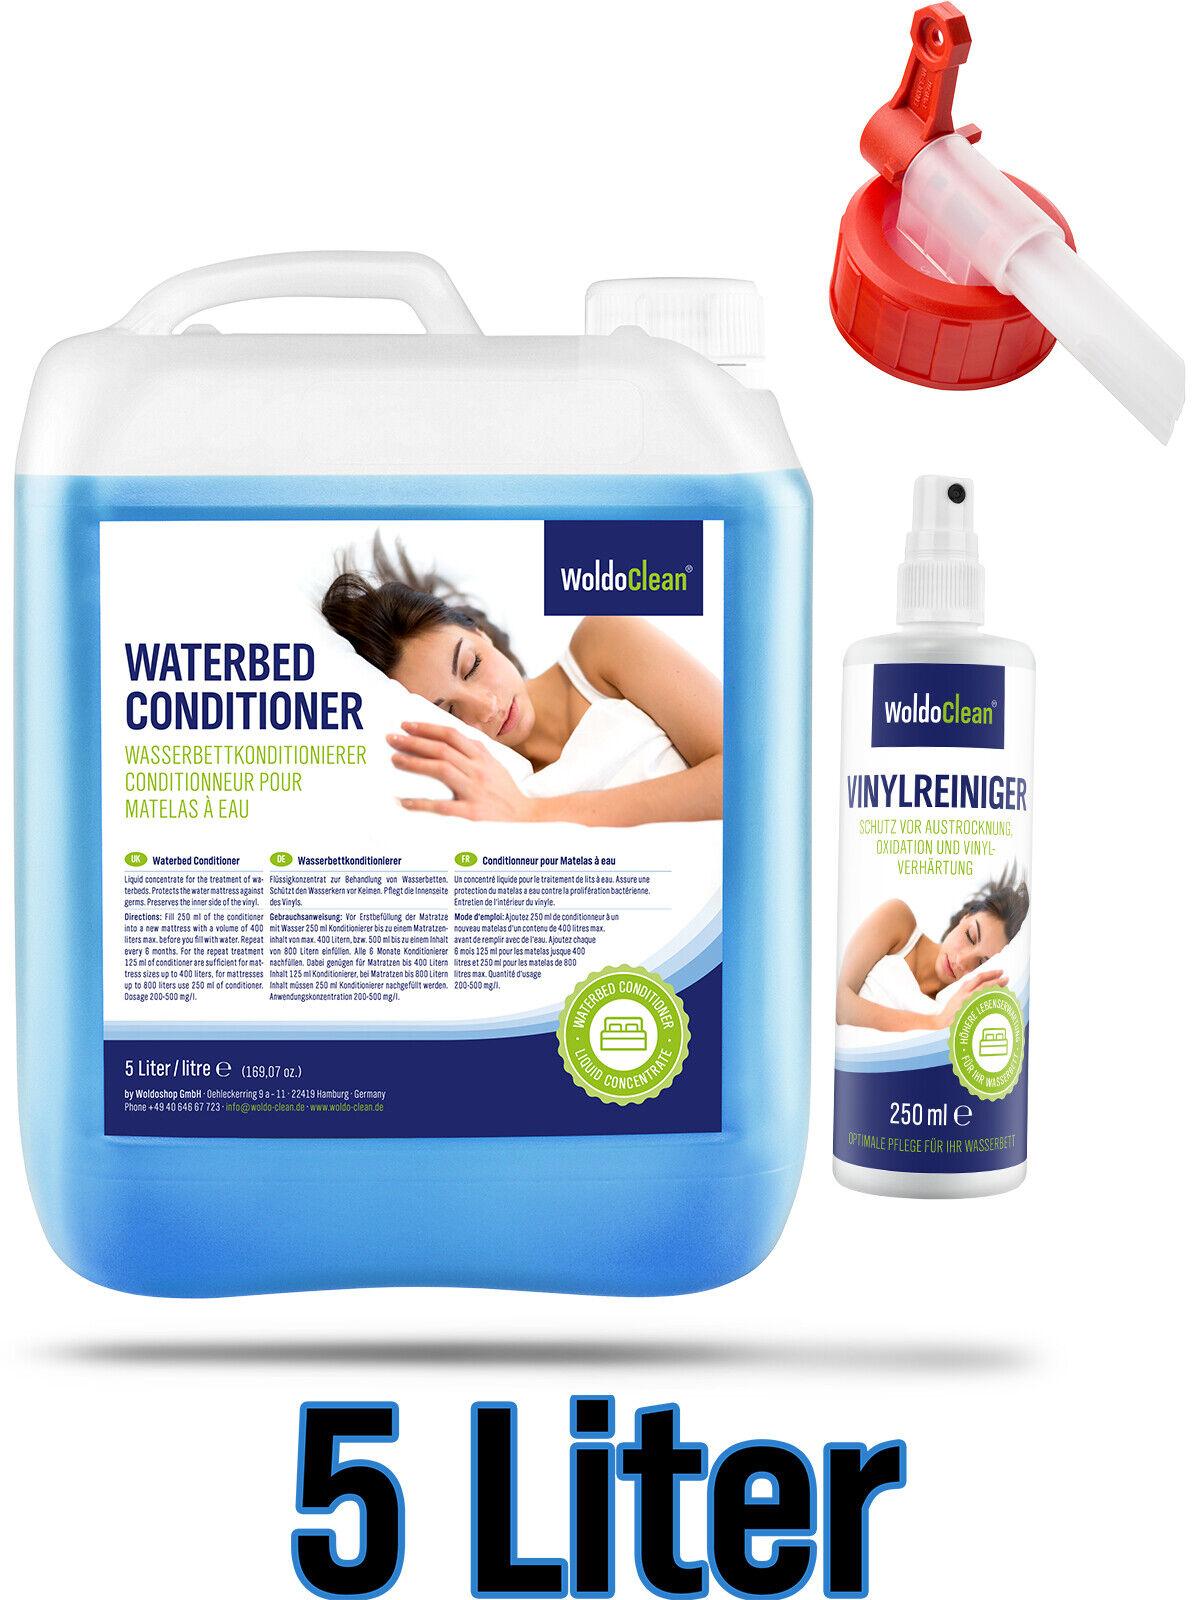 Wasserbetten Conditioner 5 Liter & 250ml Vinylreiniger  Wasserbett mit Ausgießer